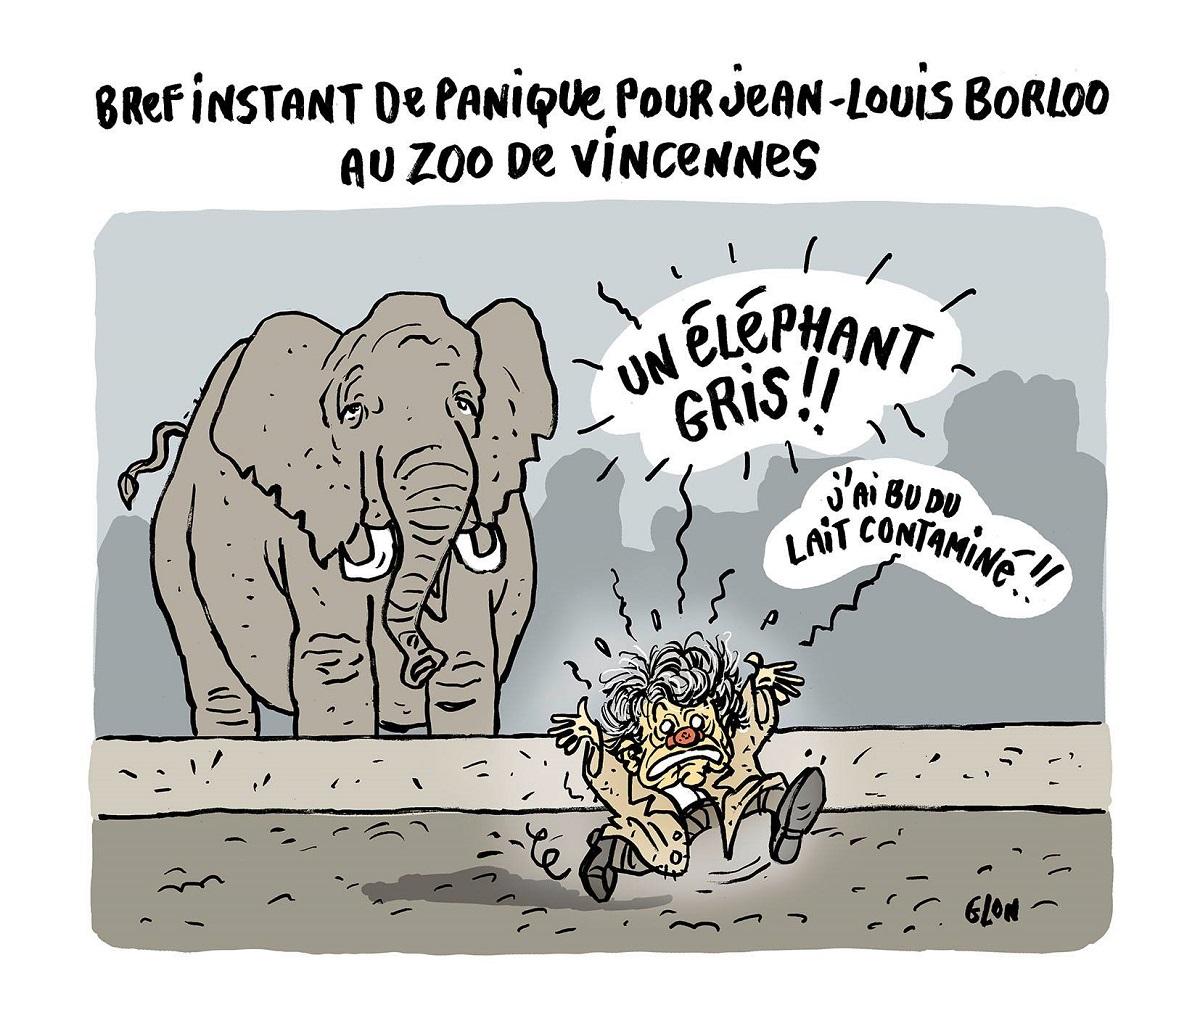 dessin humoristique de Jean-Louis Borloo au zoo de Vincennes fuyant devant un éléphant gris